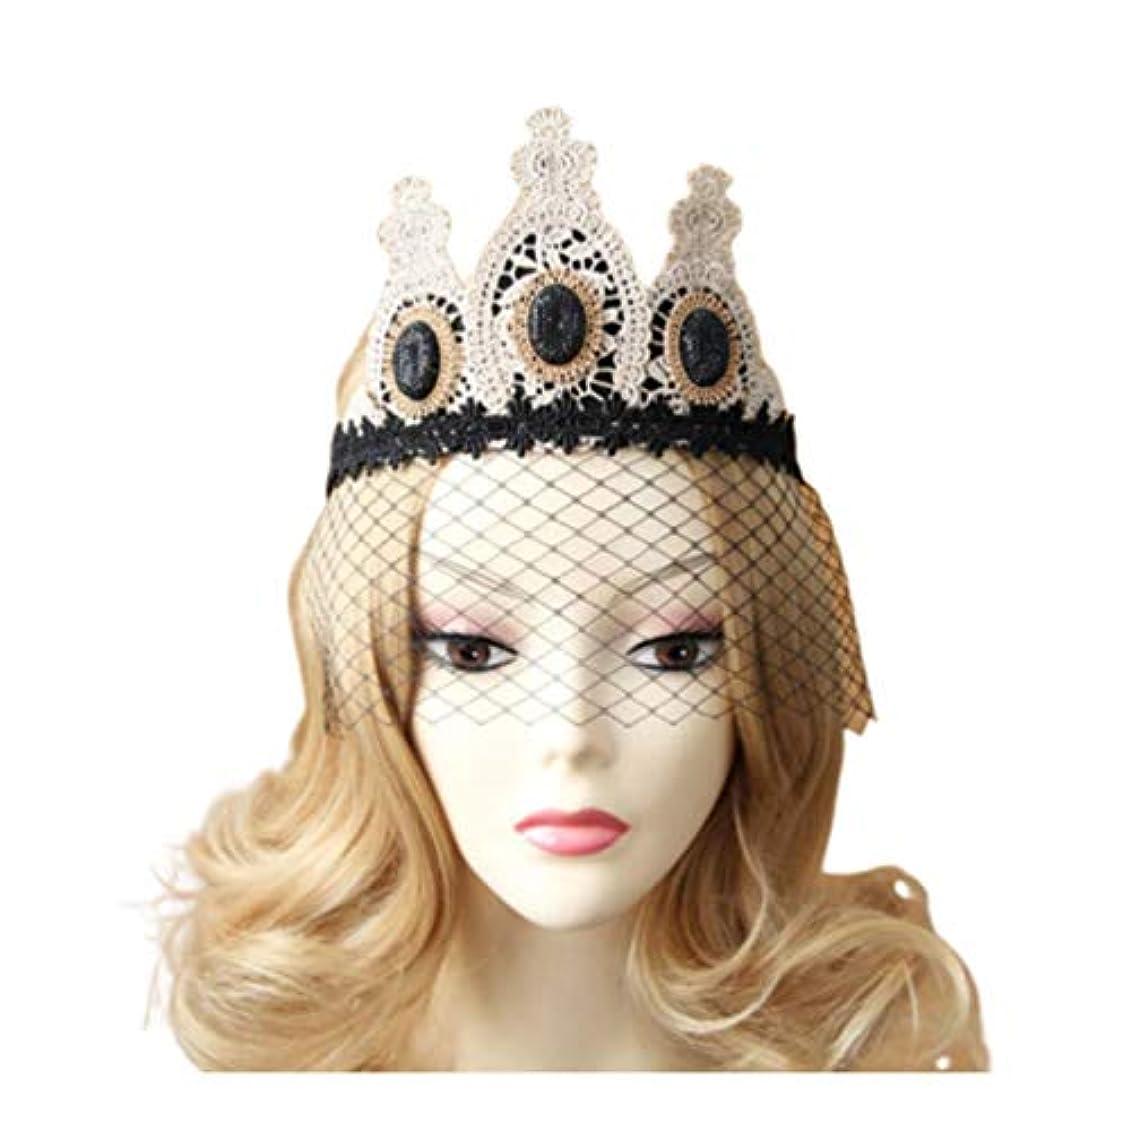 半球と組む是正するLurrose レースクラウンヴィンテージゴシックメッシュベールヘッドバンドレースベール帽子ハロウィンヘア装飾用女性女性